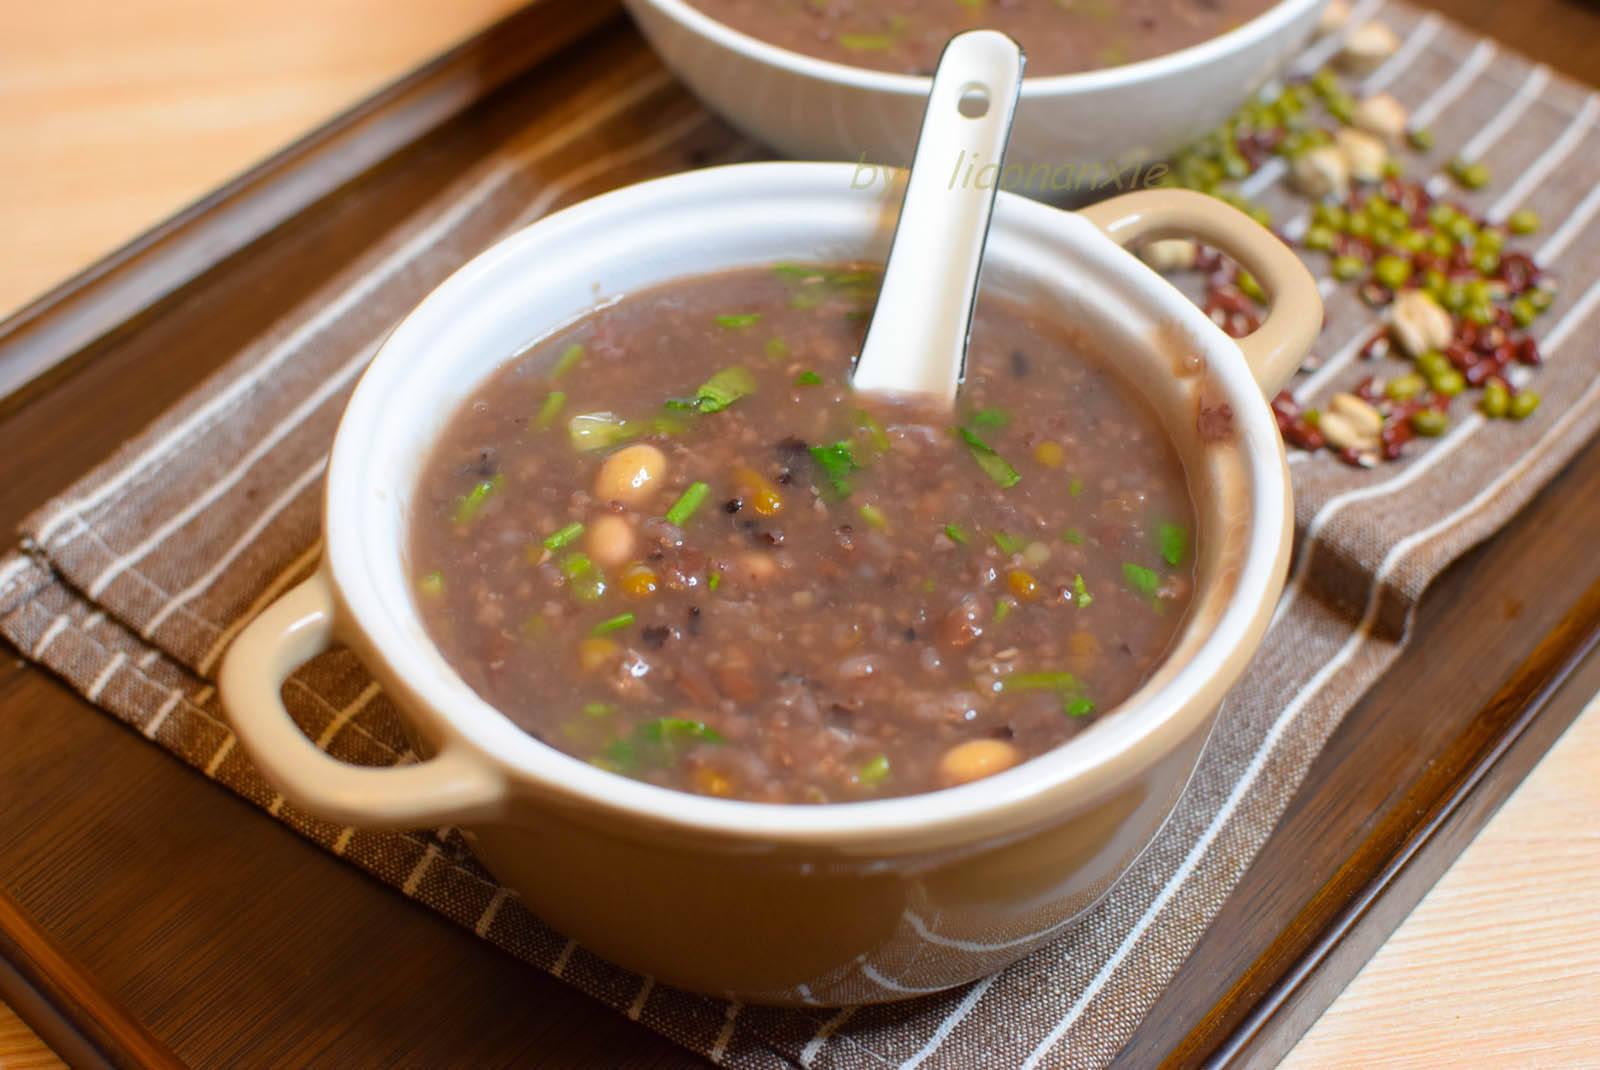 腊八节到了,喝咸粥还是甜粥?分享快速煮粥的方法